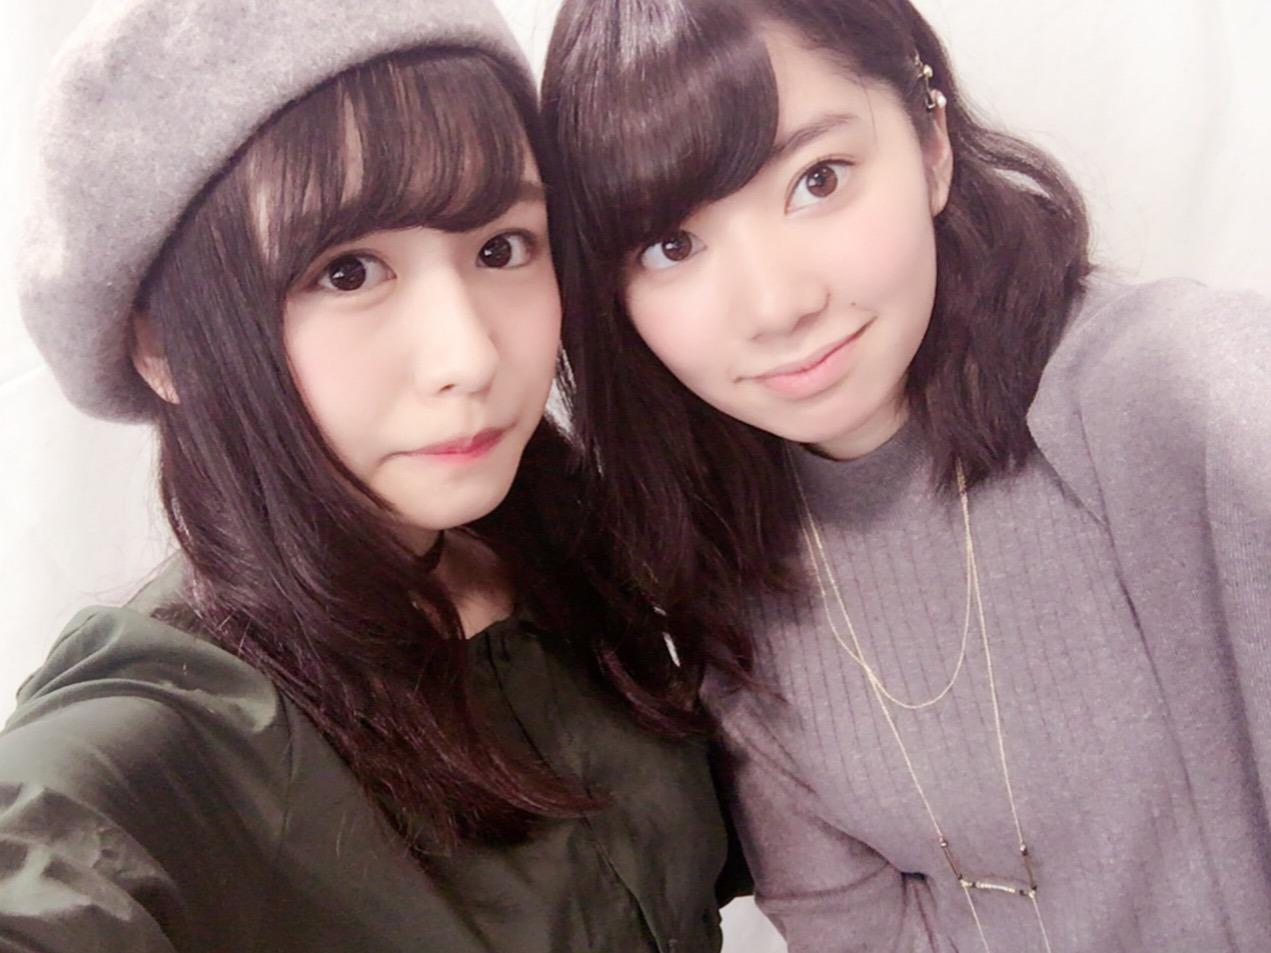 http://www.keyakizaka46.com/files/14/diary/k46/member/moblog/201609/mobJeJhV4.jpg